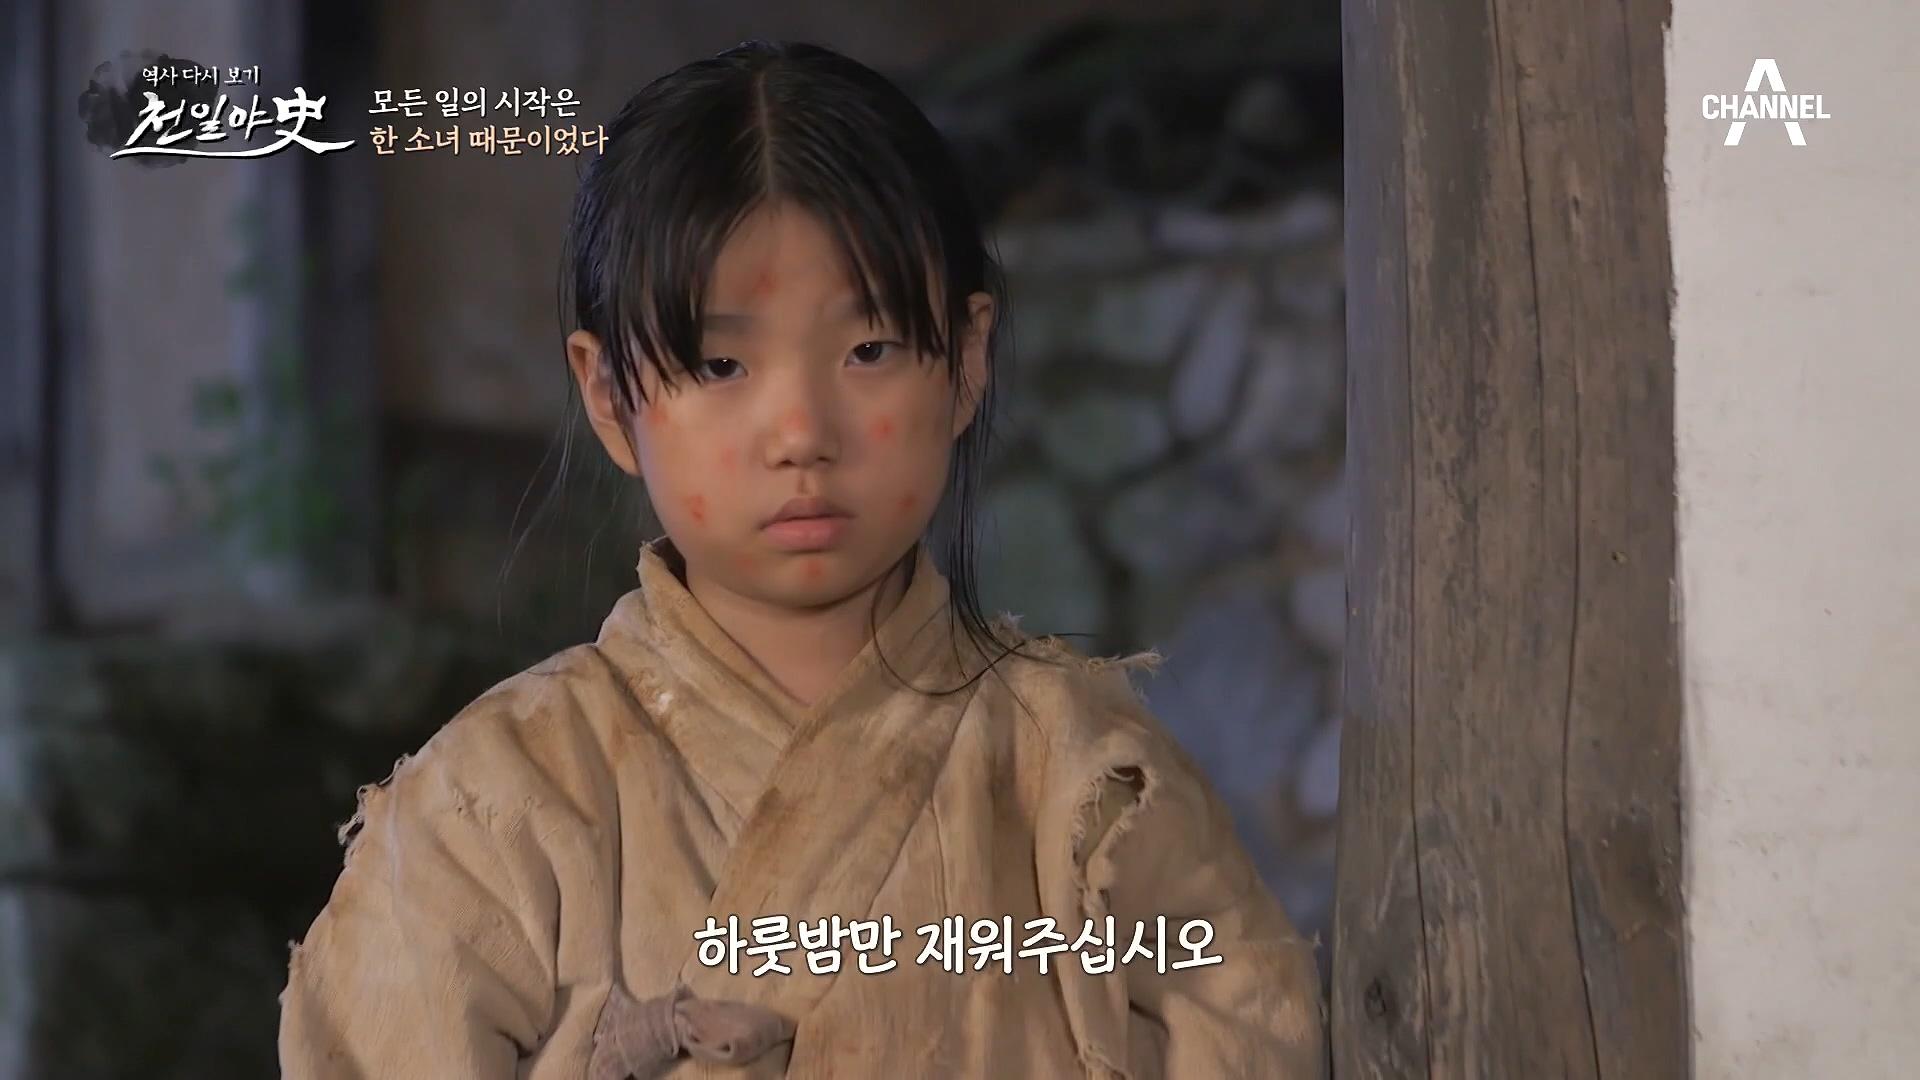 박 대감 주변을 맴도는 기이한 소녀?! 뜻을 알 수 없....